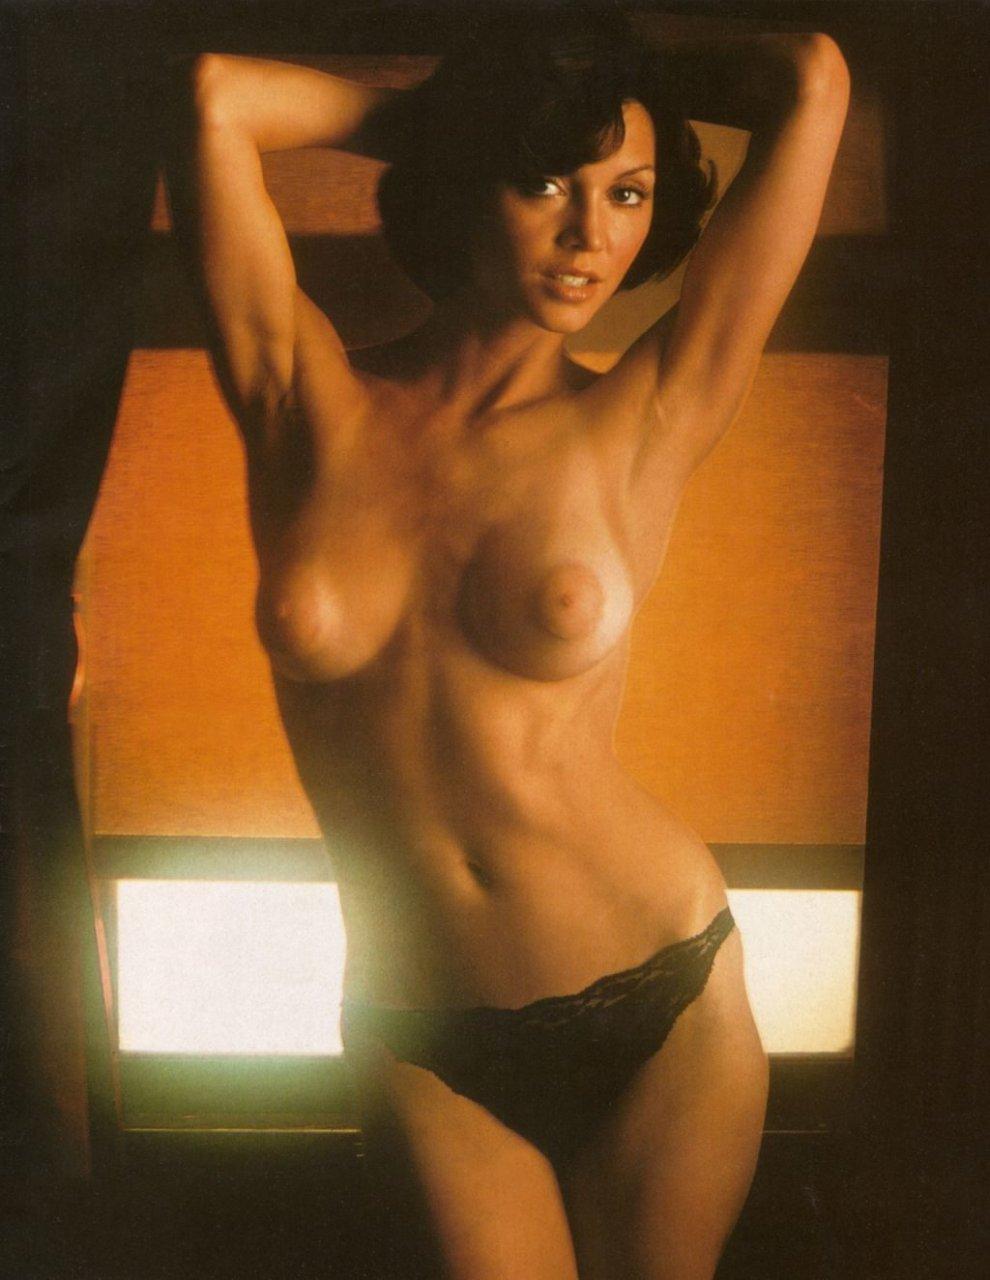 victoria principal nude photos